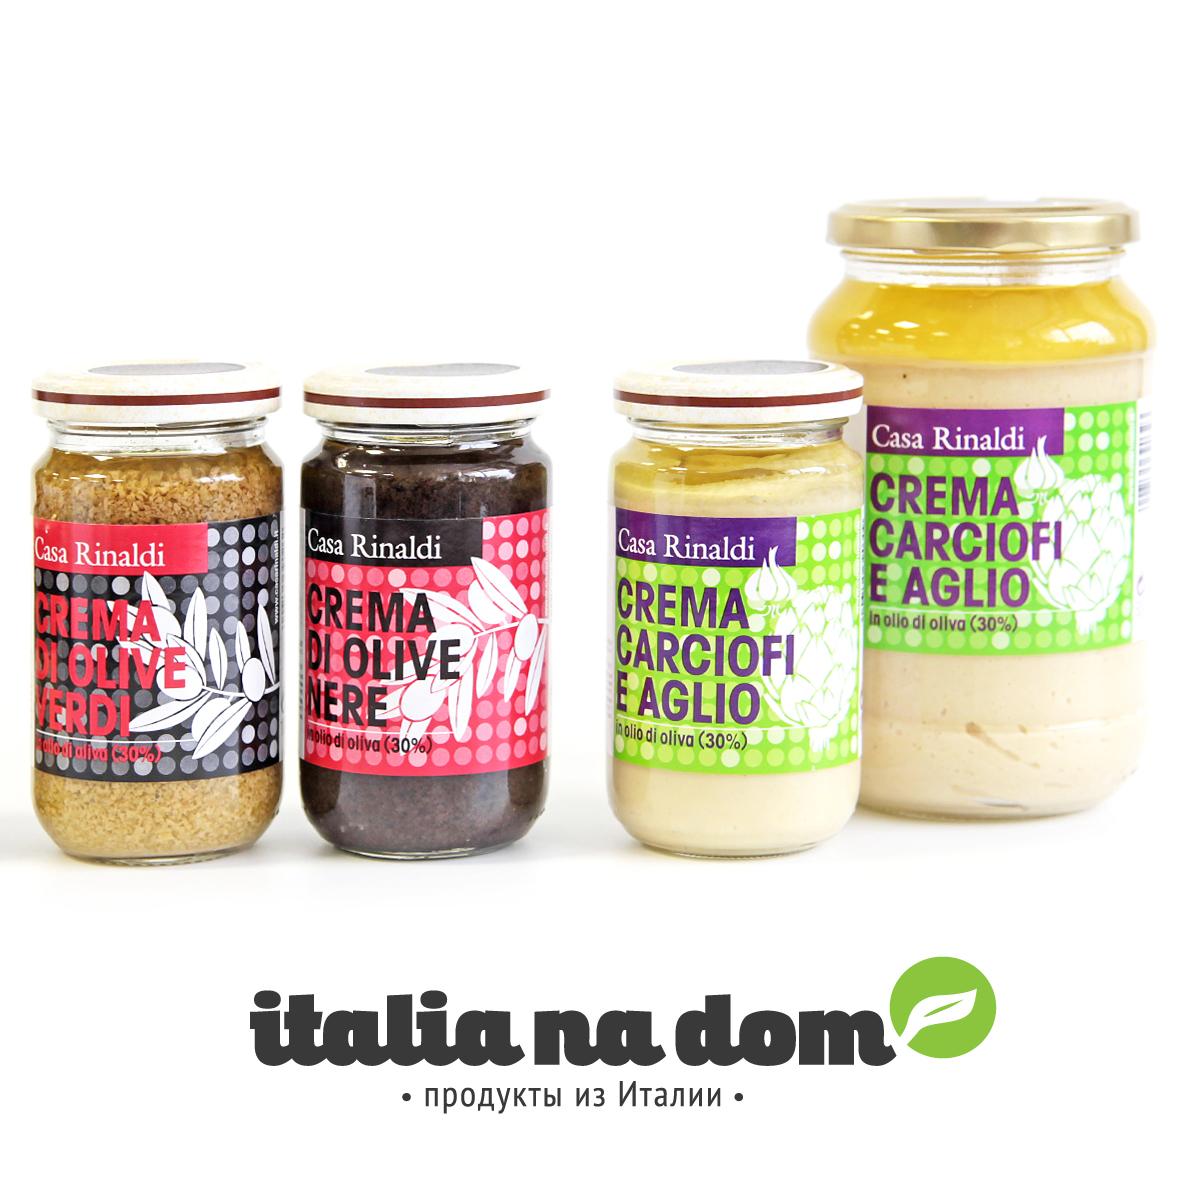 Крем-паста Casa Rinaldi из маслин в оливковом масле 180г